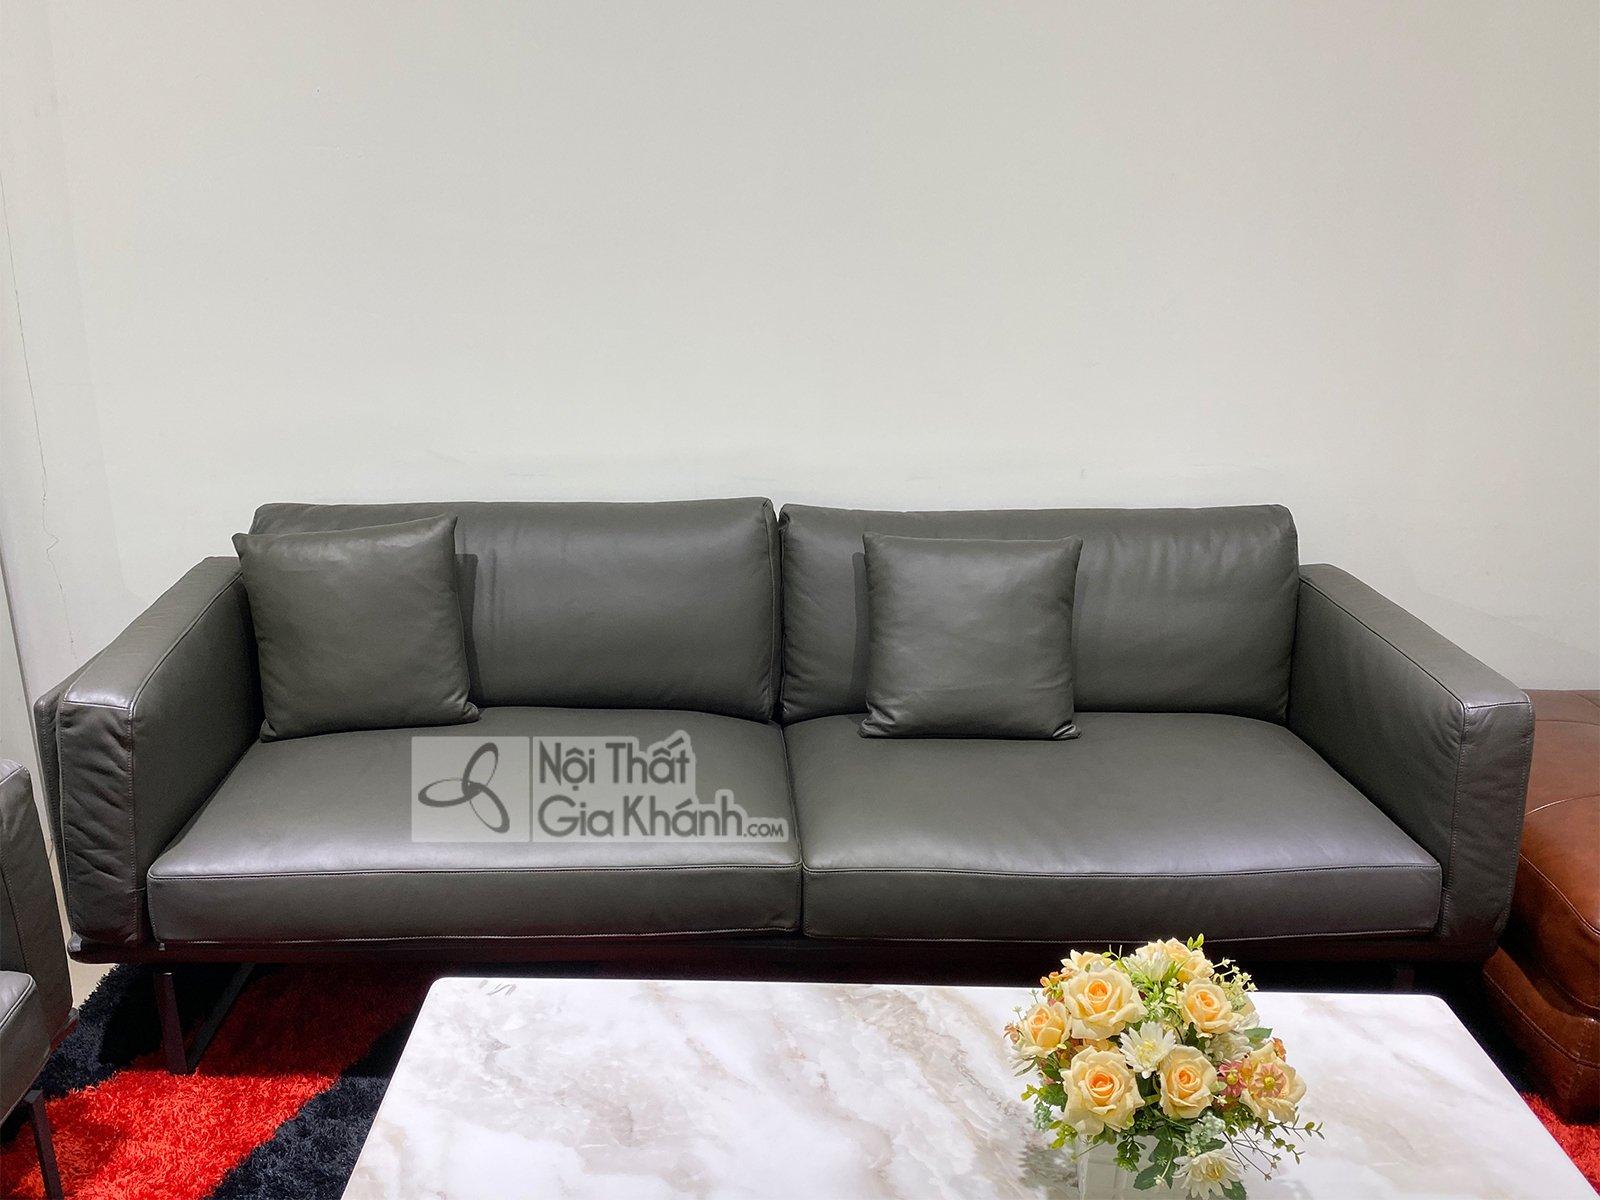 bo sofa da hien dai nhap khau mbk0064sf 2 - SOFA DA NHẬP KHẨU PHONG CÁCH Ý BĂNG 3 MBK0064X-3